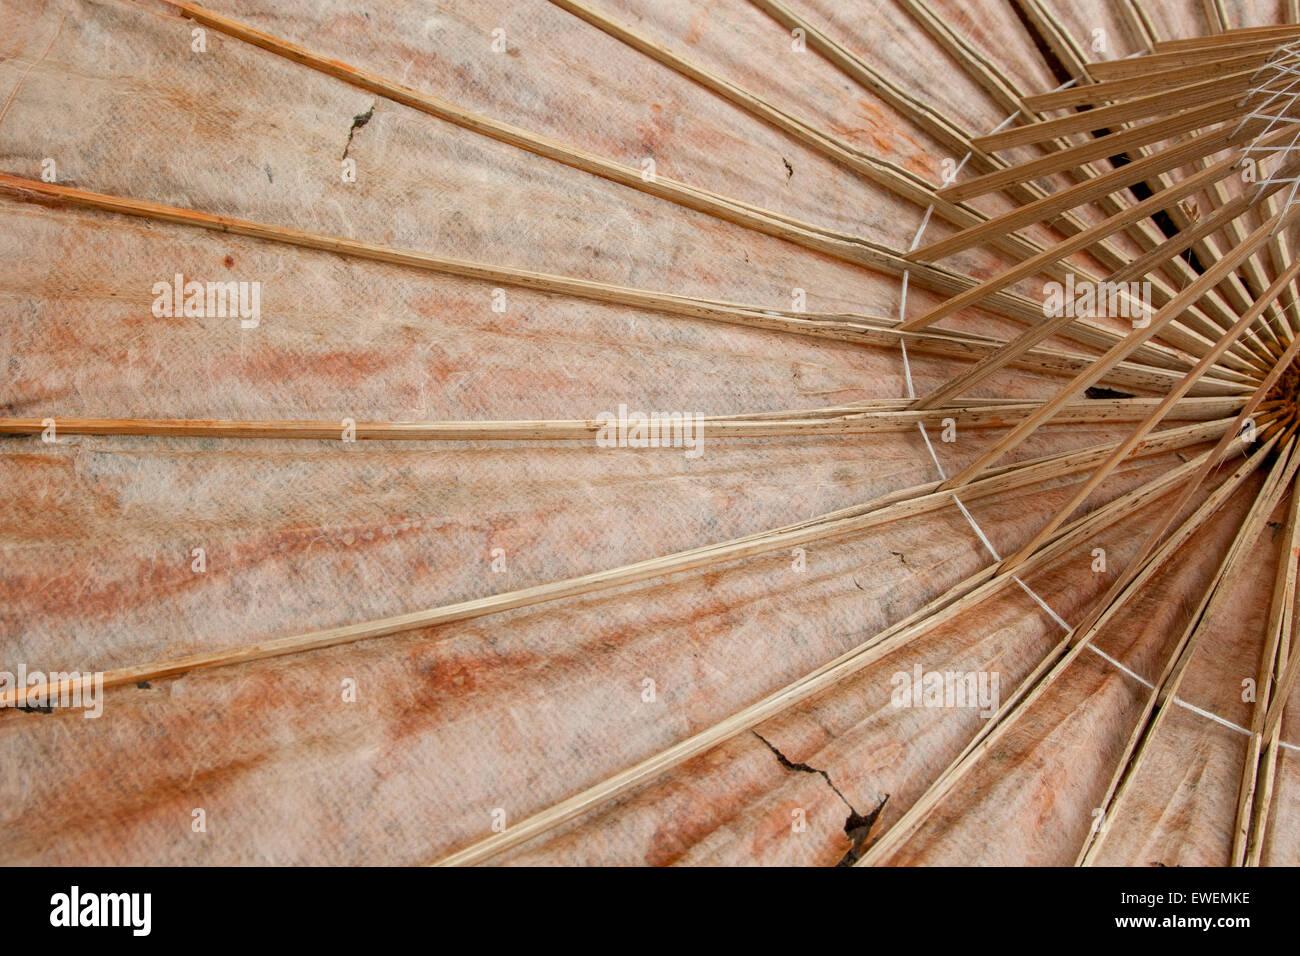 Paraguas de papel viejo. La grúa tiene un motivo en papel aceitado y el paraguas es construido de bambú Imagen De Stock